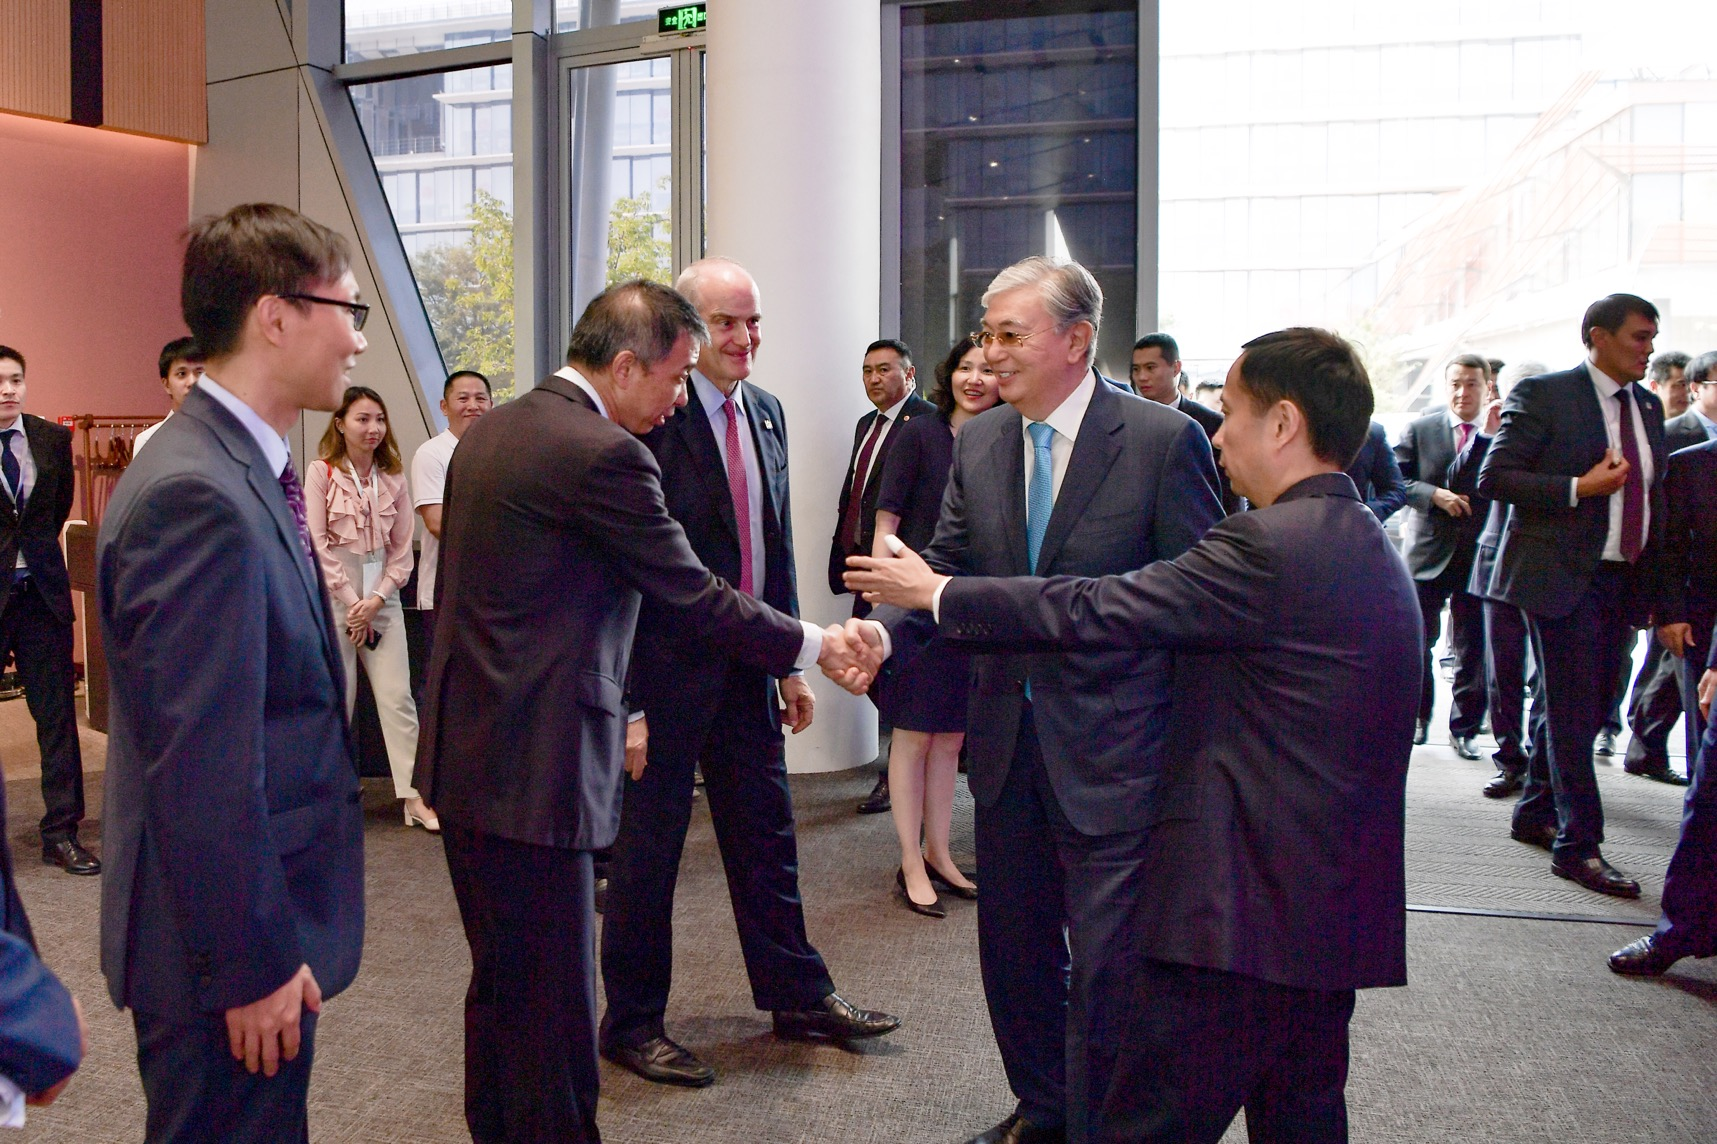 来自杭州的王坚受总统约请成了哈萨克斯坦高科技参谋